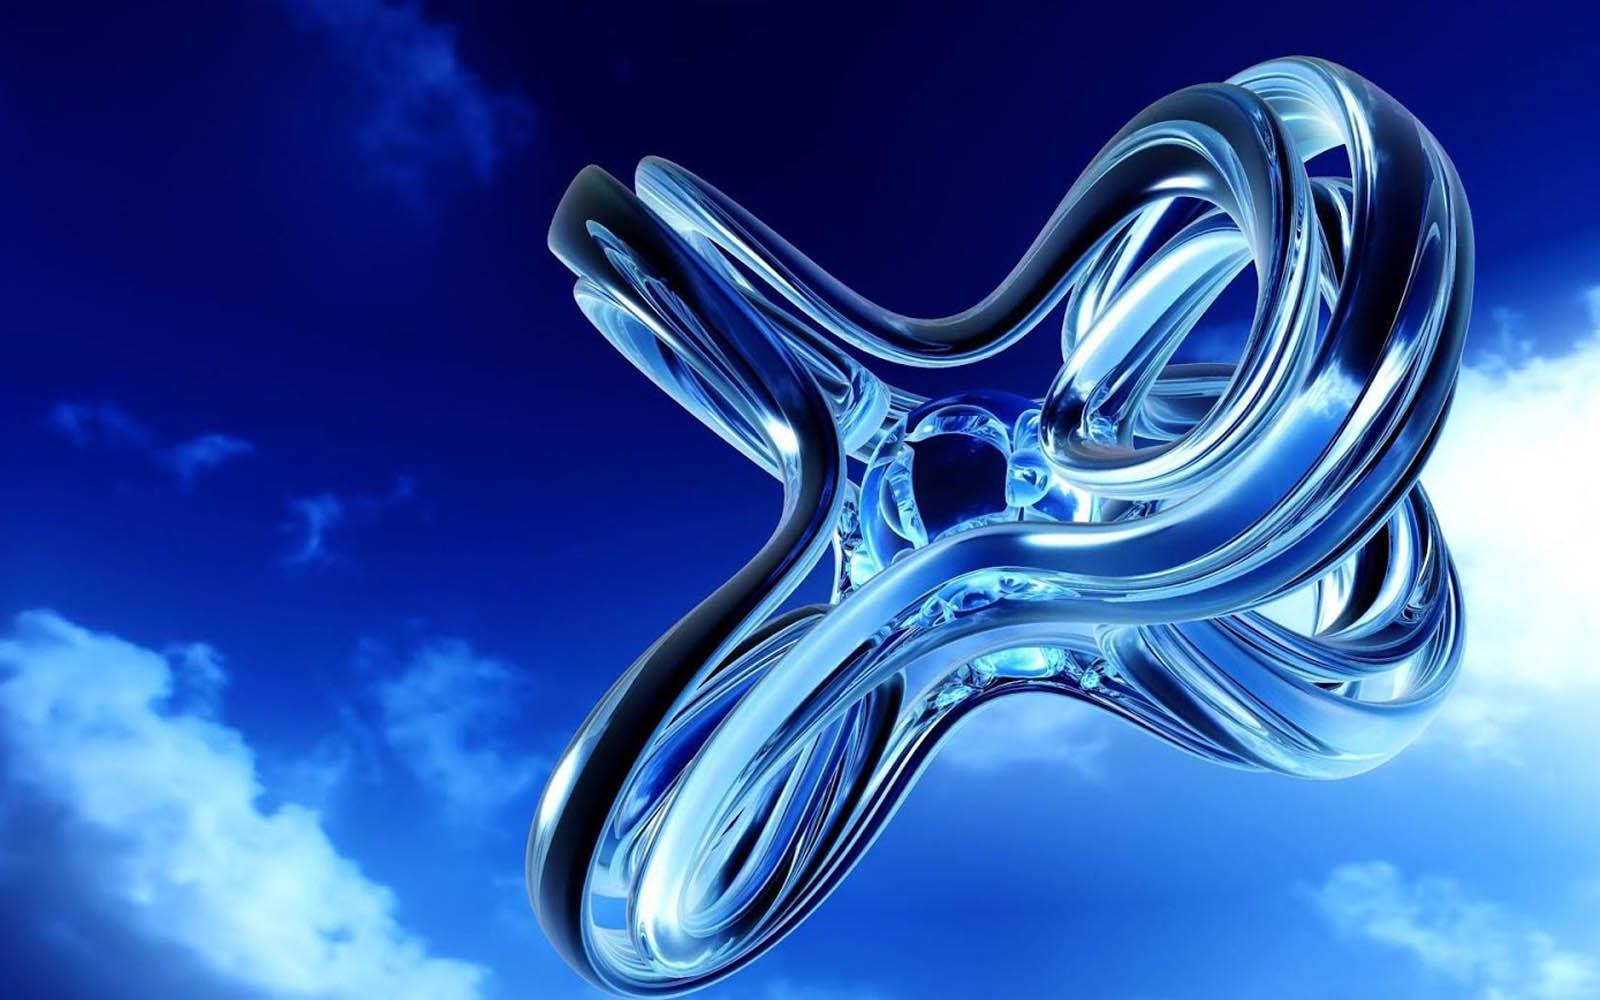 http://2.bp.blogspot.com/-Dhq5lBaEti0/UQZ1iqoHbGI/AAAAAAAARtE/keVE8tJqqxQ/s1600/Blue+3D+Wallpapers+03.jpg